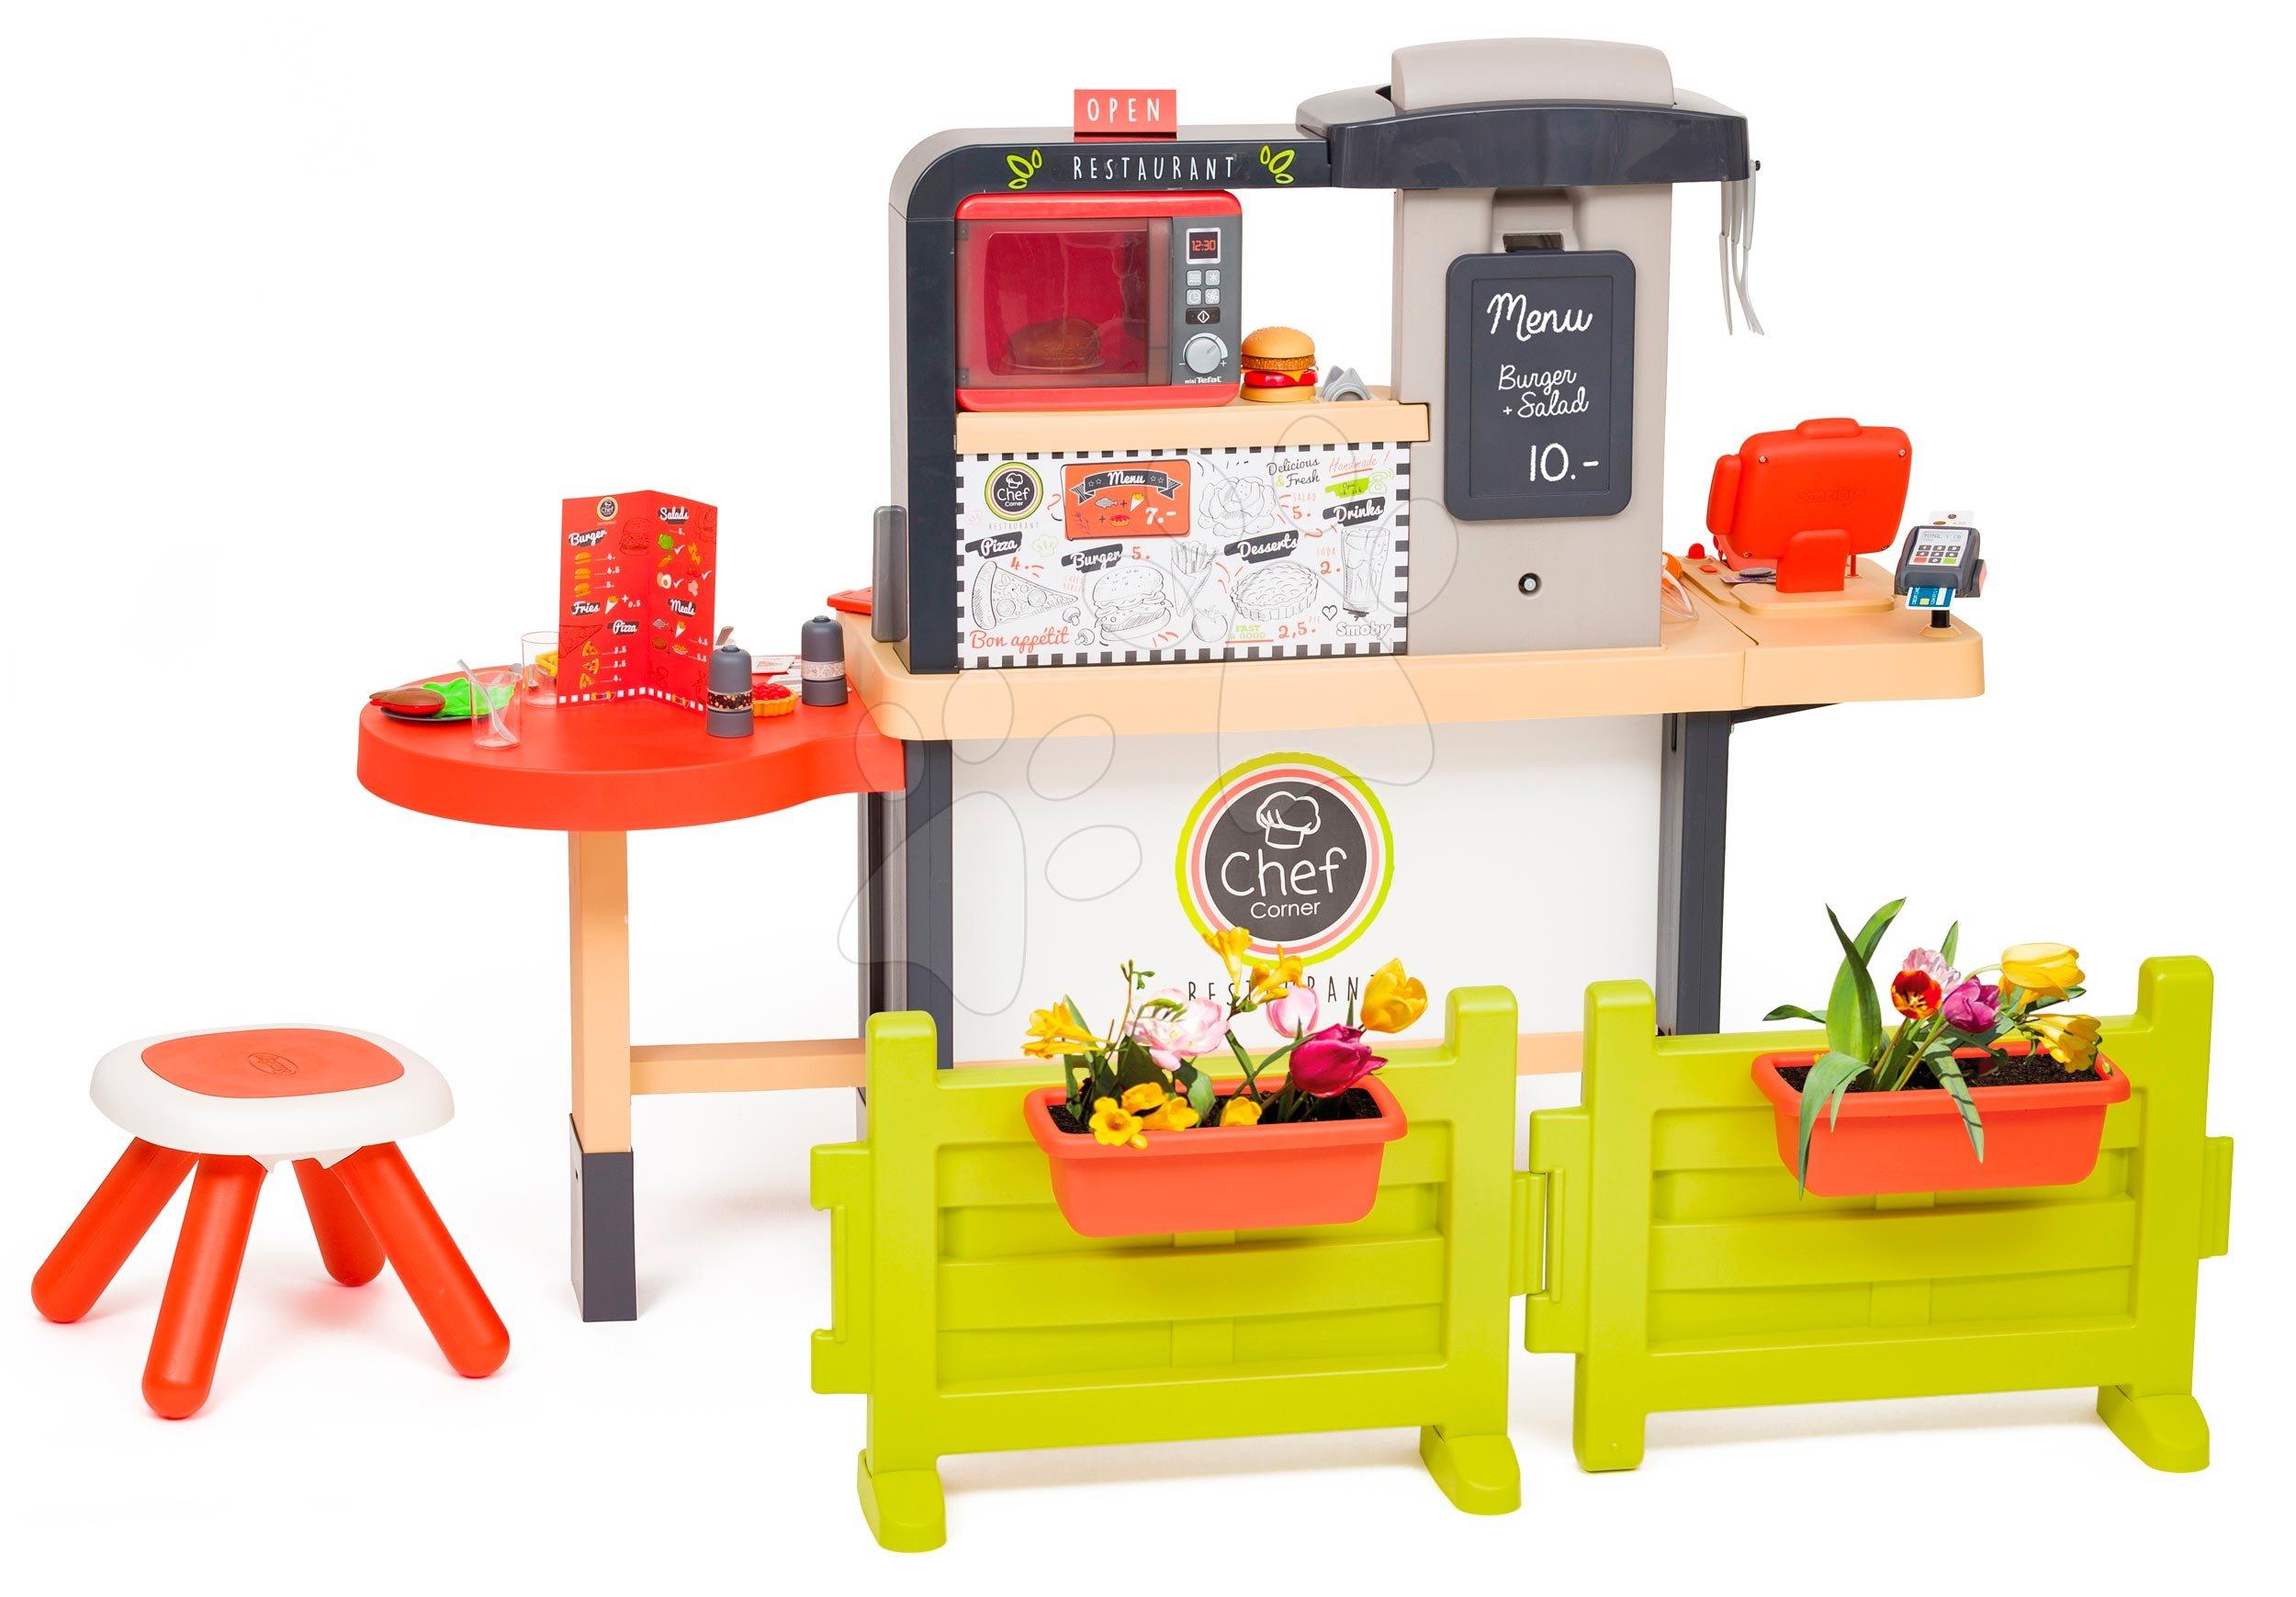 Reštaurácia s elektronickou kuchynkou Chef Corner Restaurant Smoby s plotom a mikrovlnkou